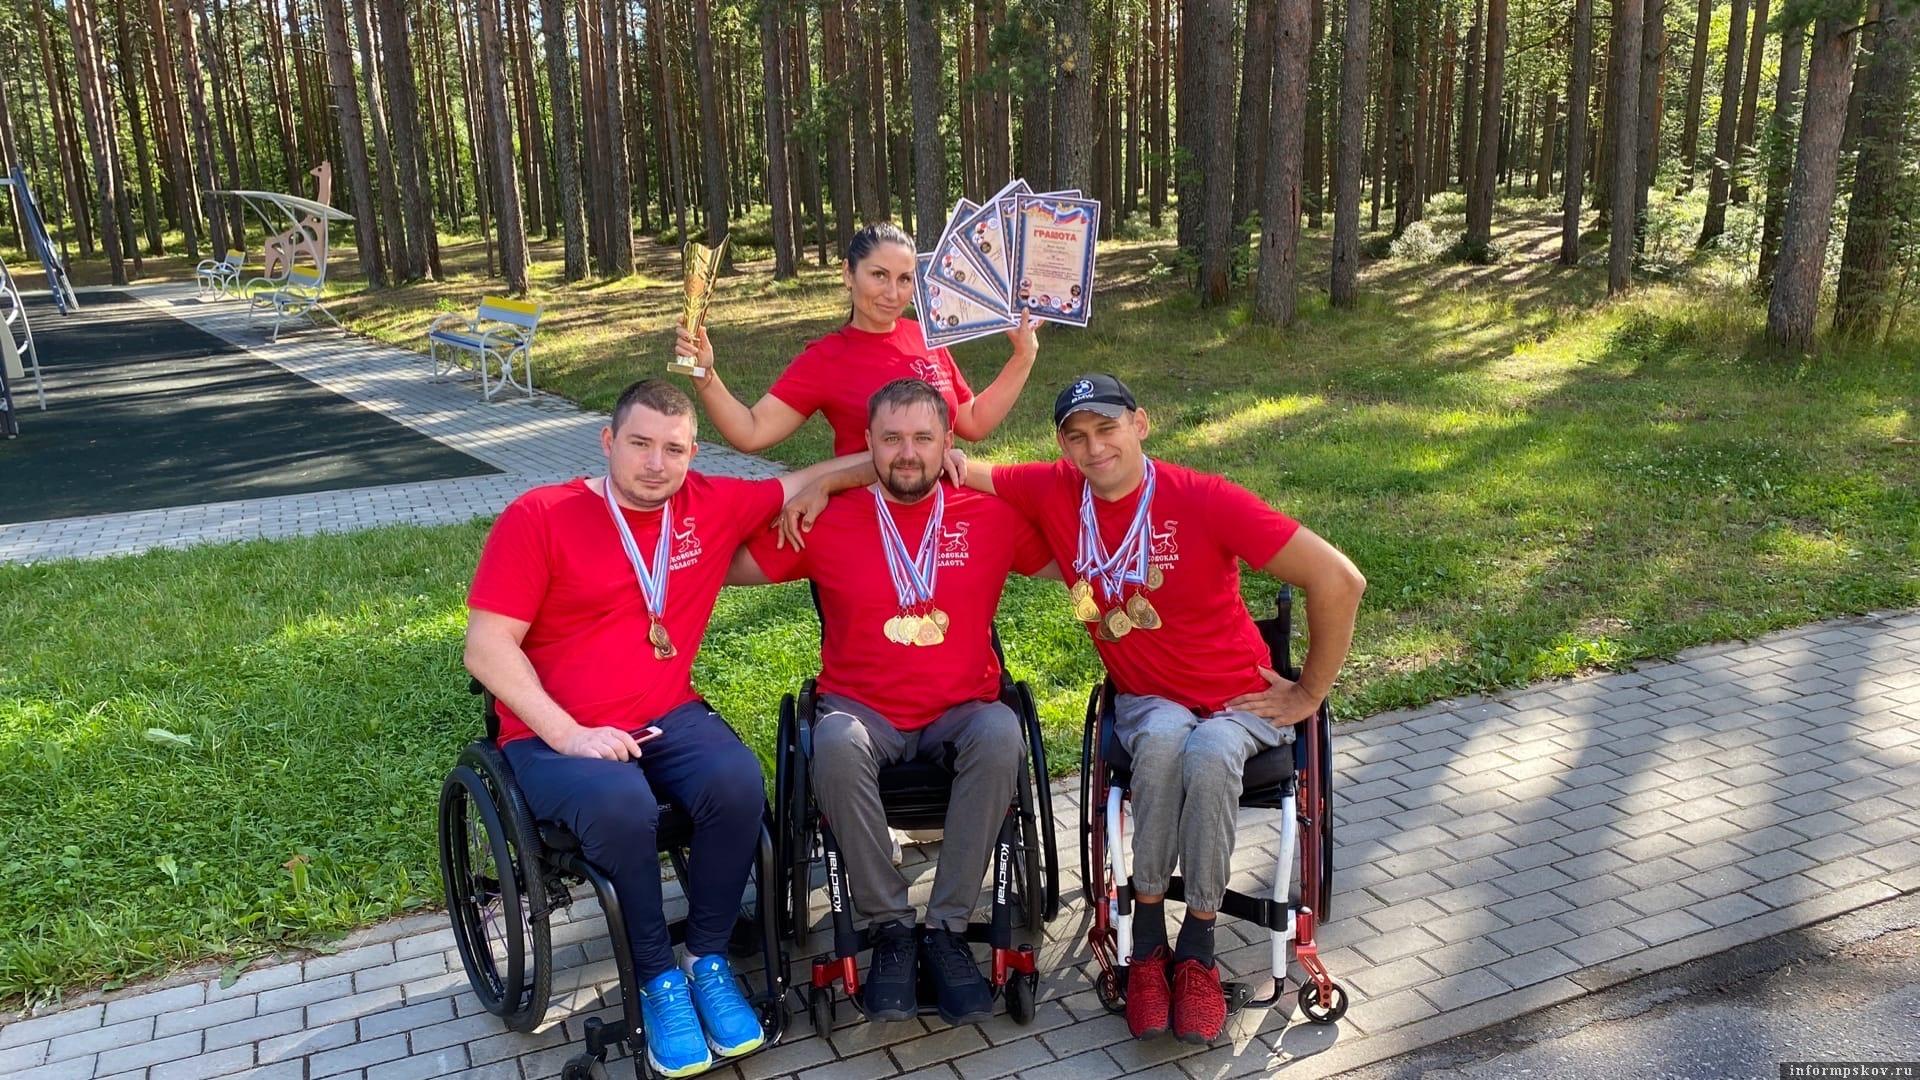 Фото: Псковская областная организация «Всероссийское общество инвалидов»